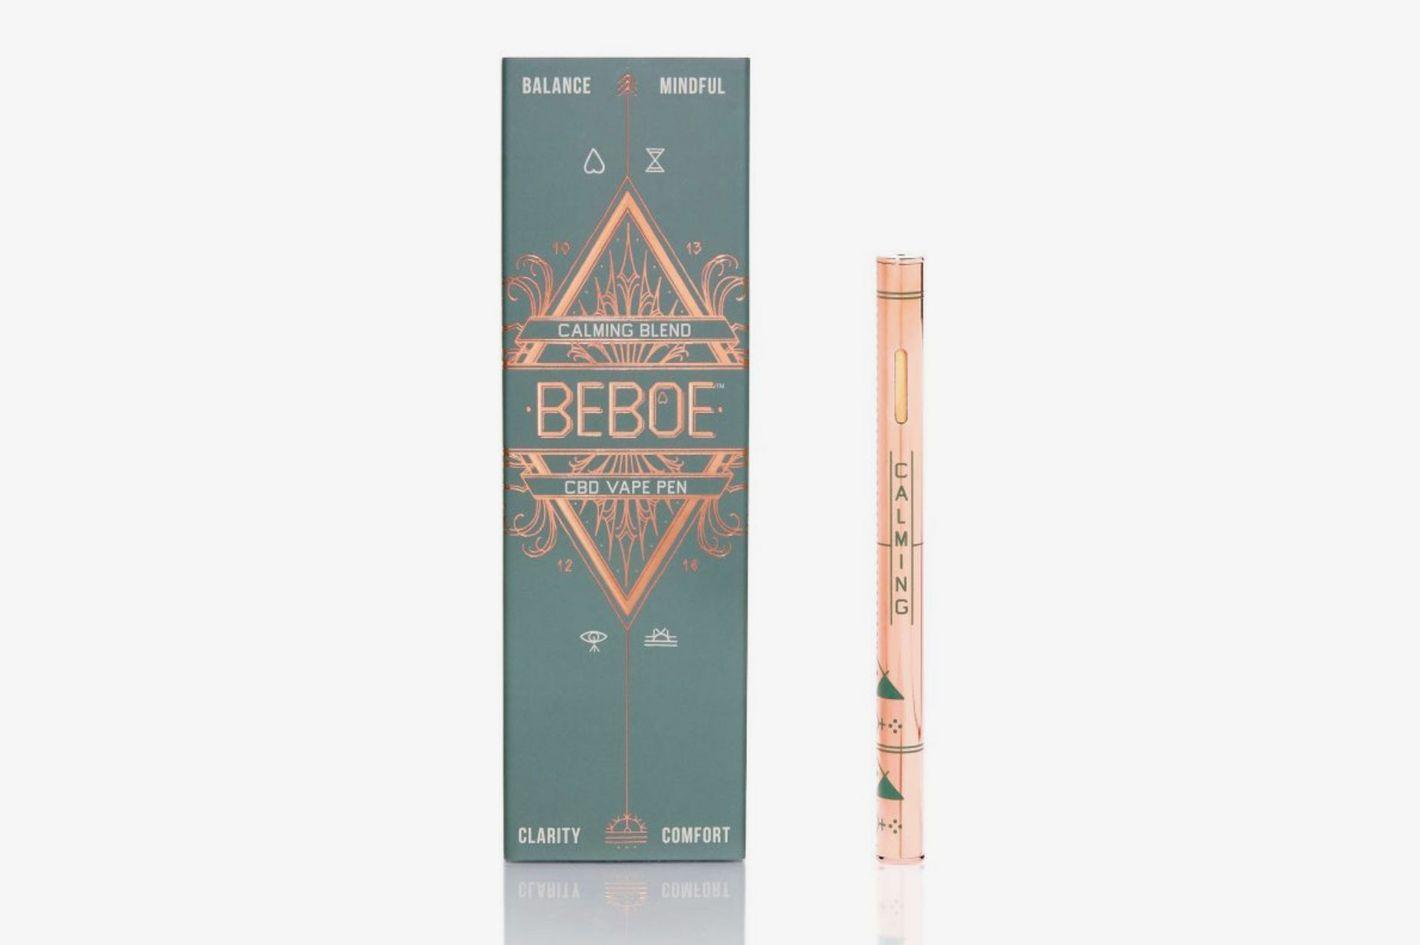 Beboe CBD Luxury CBD Pen